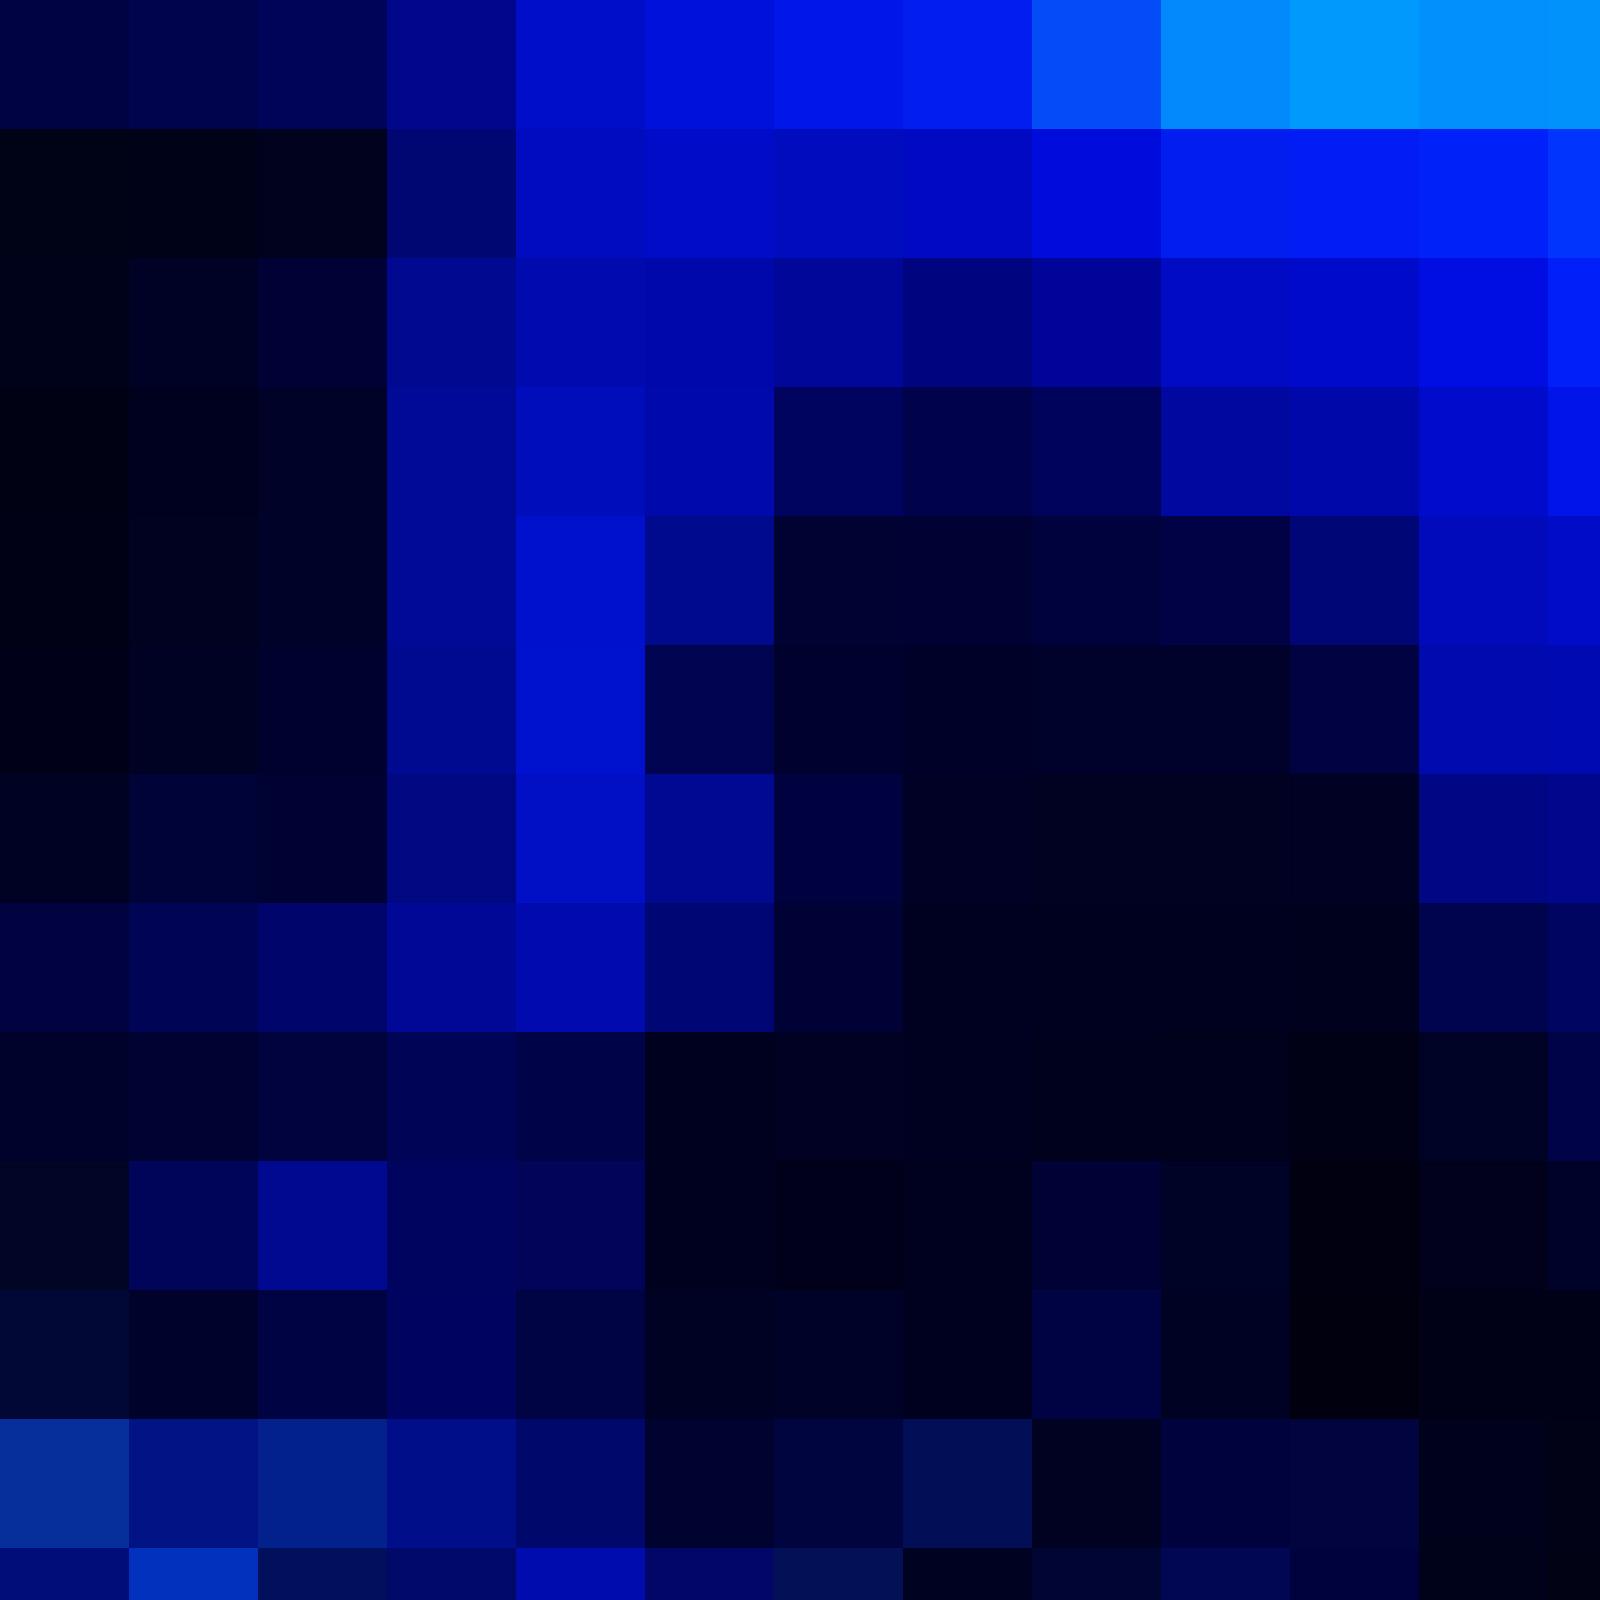 pixelblue